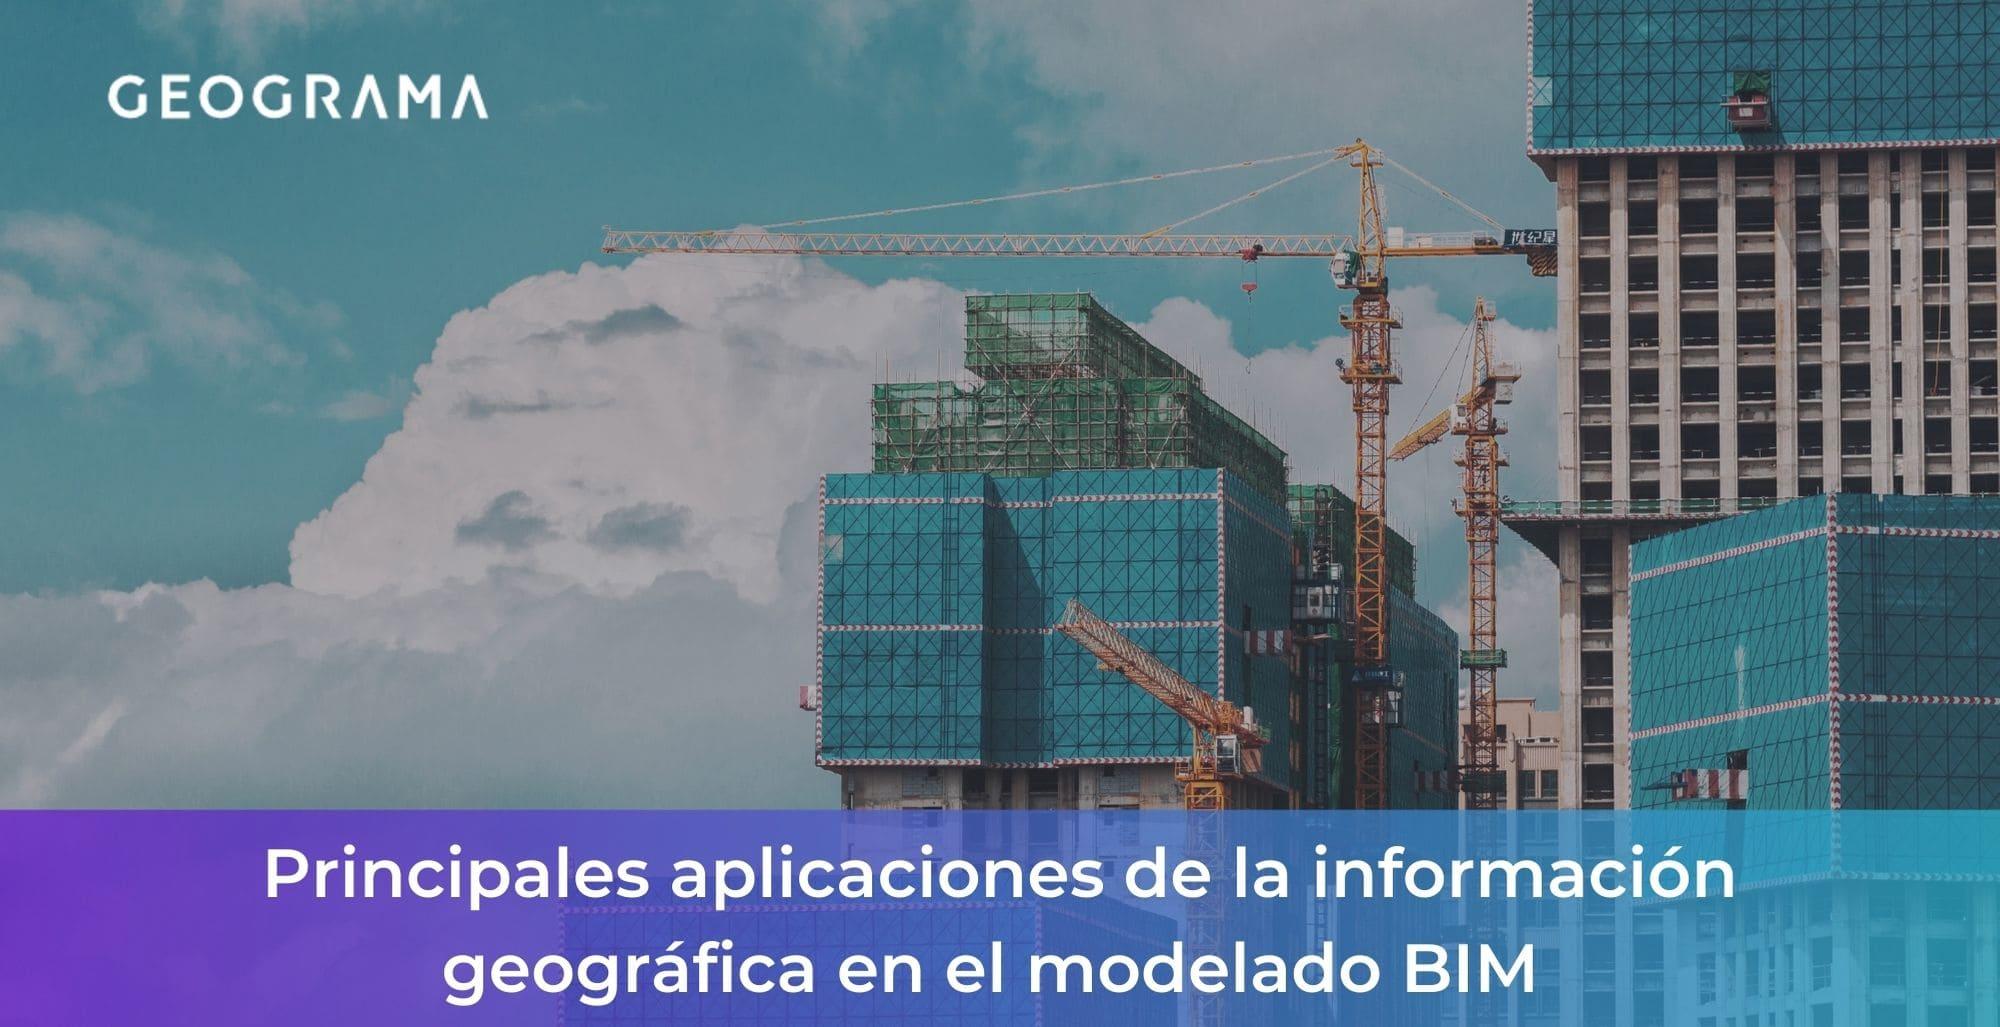 GEOGRAMA - Principales aplicaciones de la información geográfica en el modelado BIM